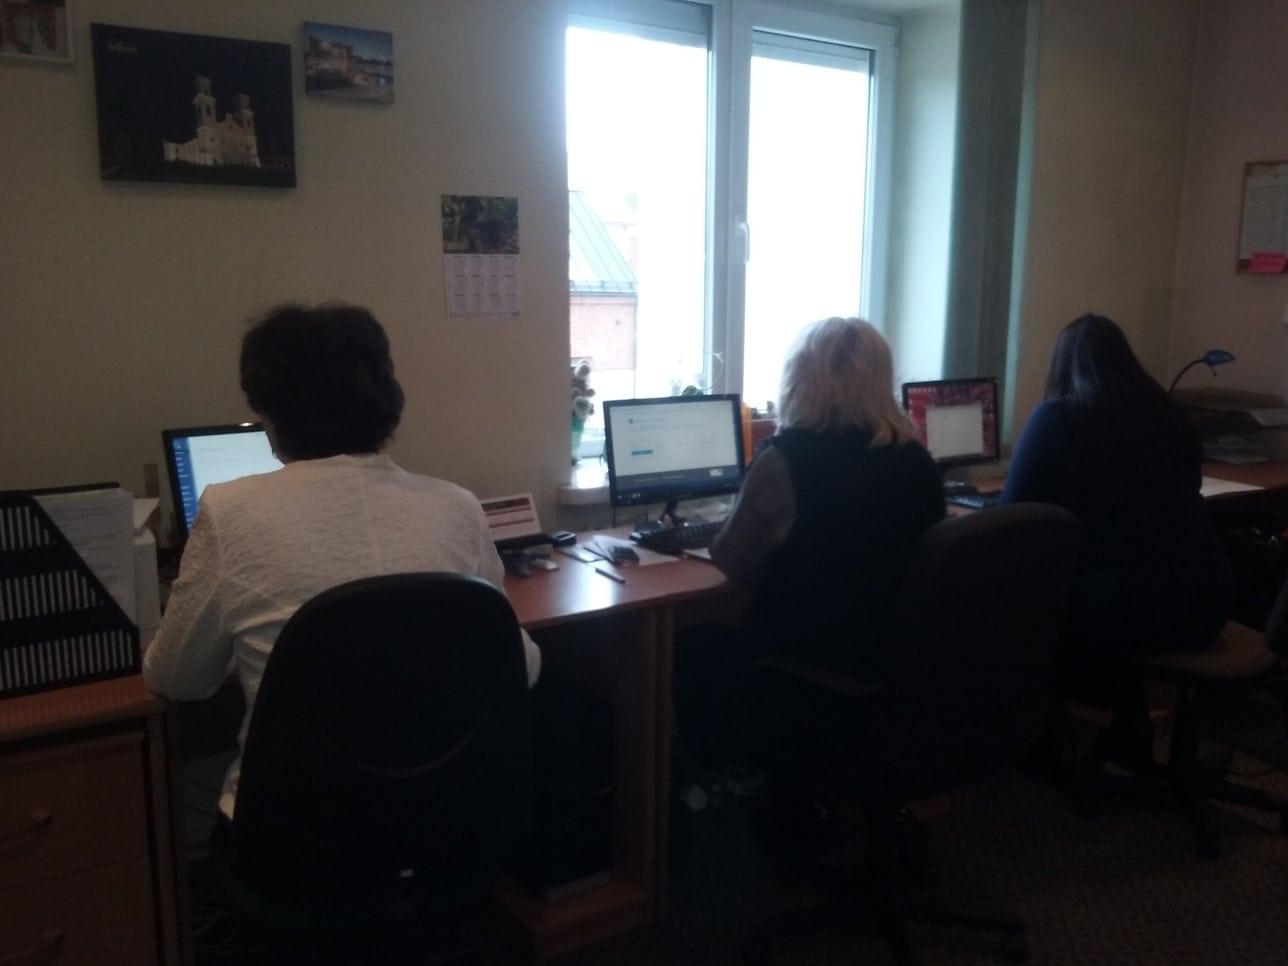 Darbuotojos tikrina kompiuteriuose pranešimus iš policijos.